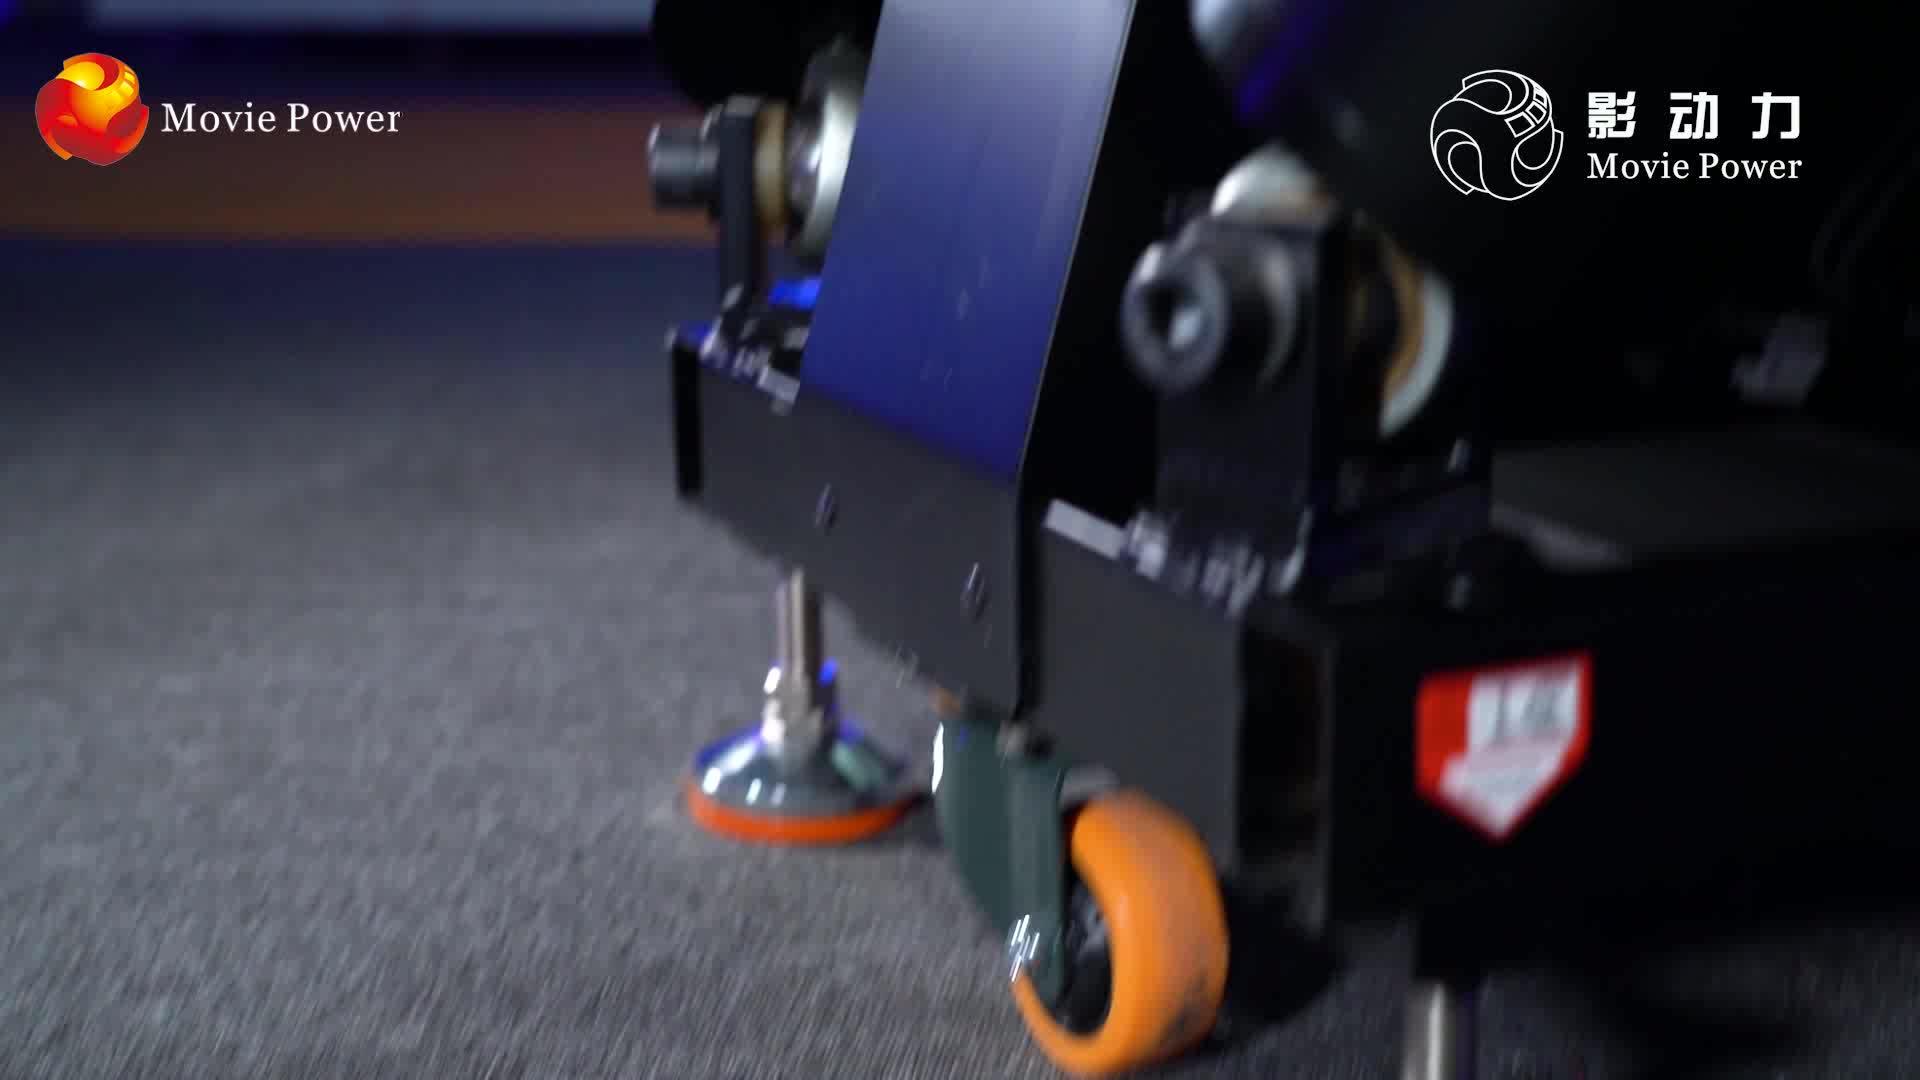 Movie Power Virtual Reality Driving Platform Siêu Đua Xe Trò Chơi Mô Phỏng Cho Trường Lái Xe